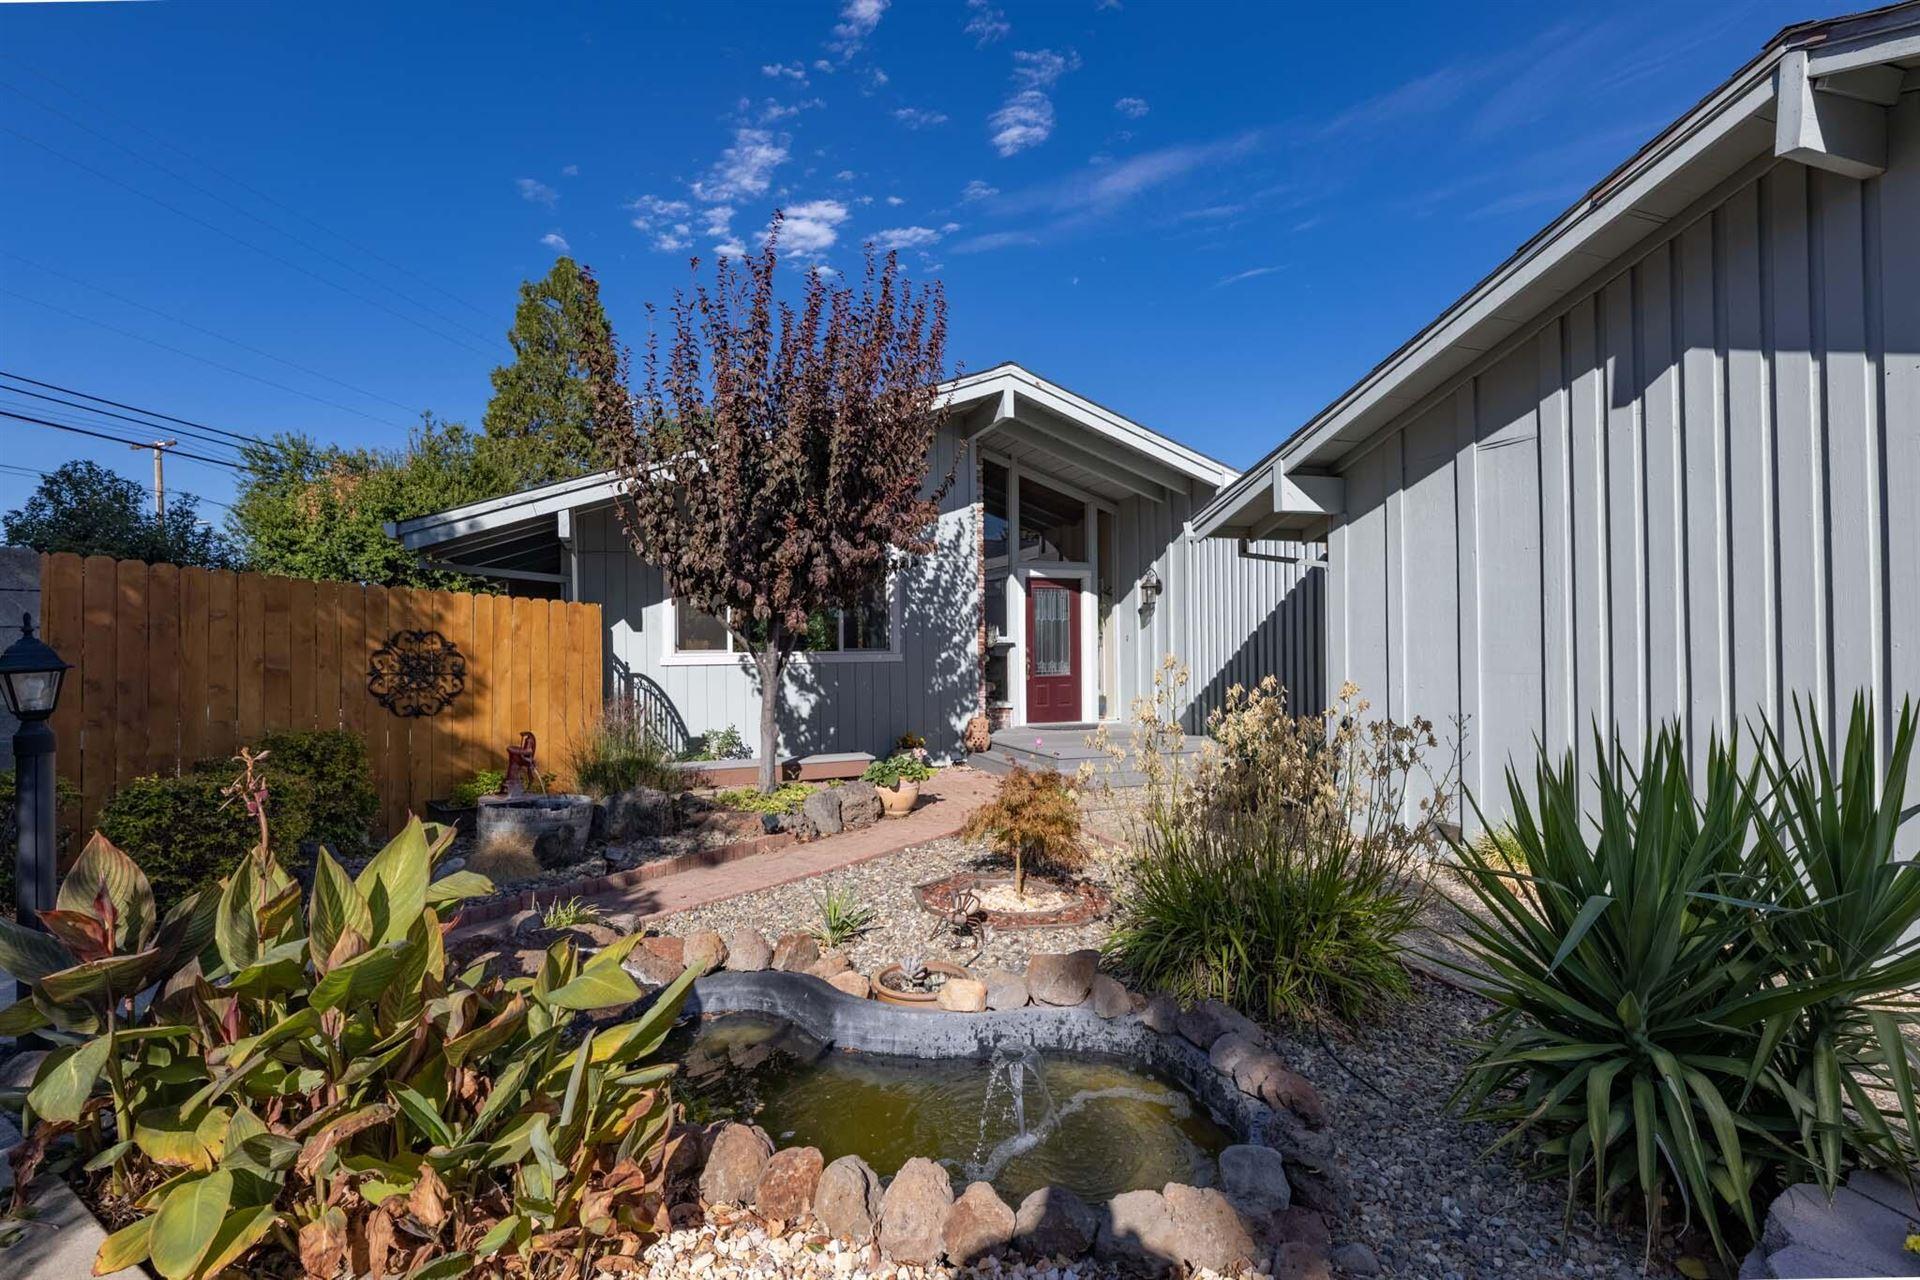 Photo of 4120 Quartz Ct, Redding, CA 96001 (MLS # 21-4852)